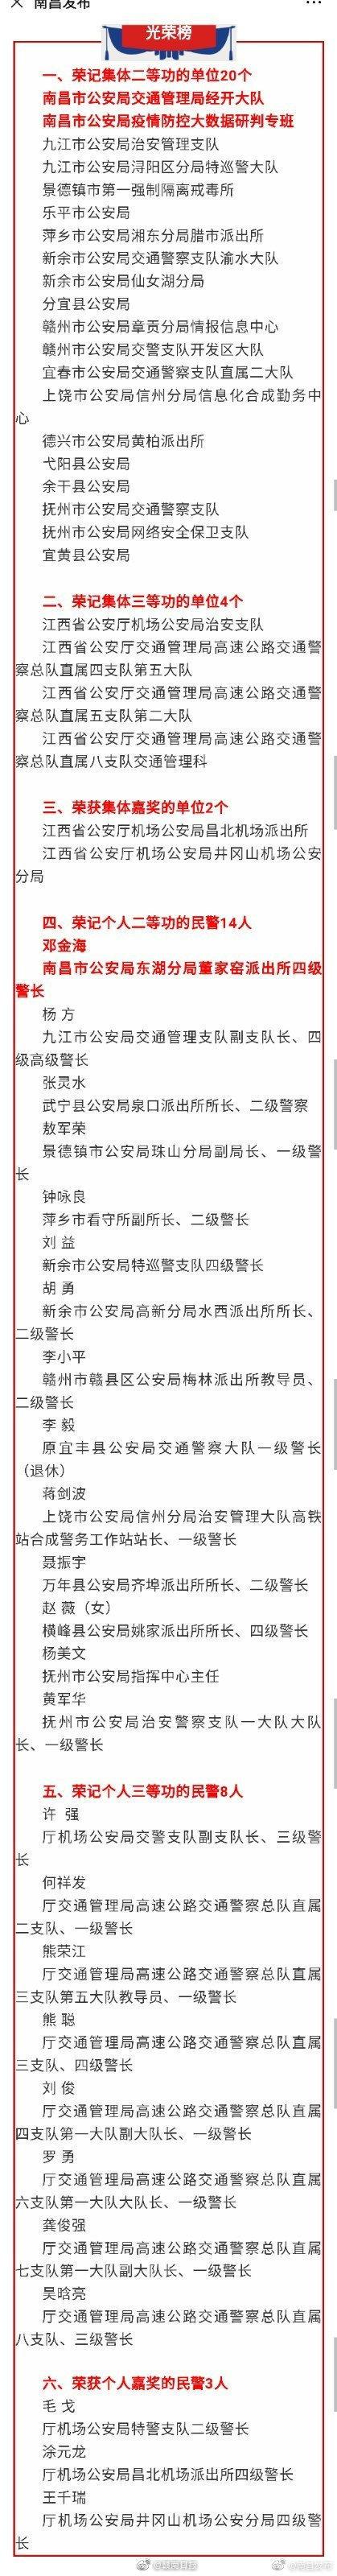 记功!嘉奖!赣州2个集体1位个人获江西省公安厅奖励